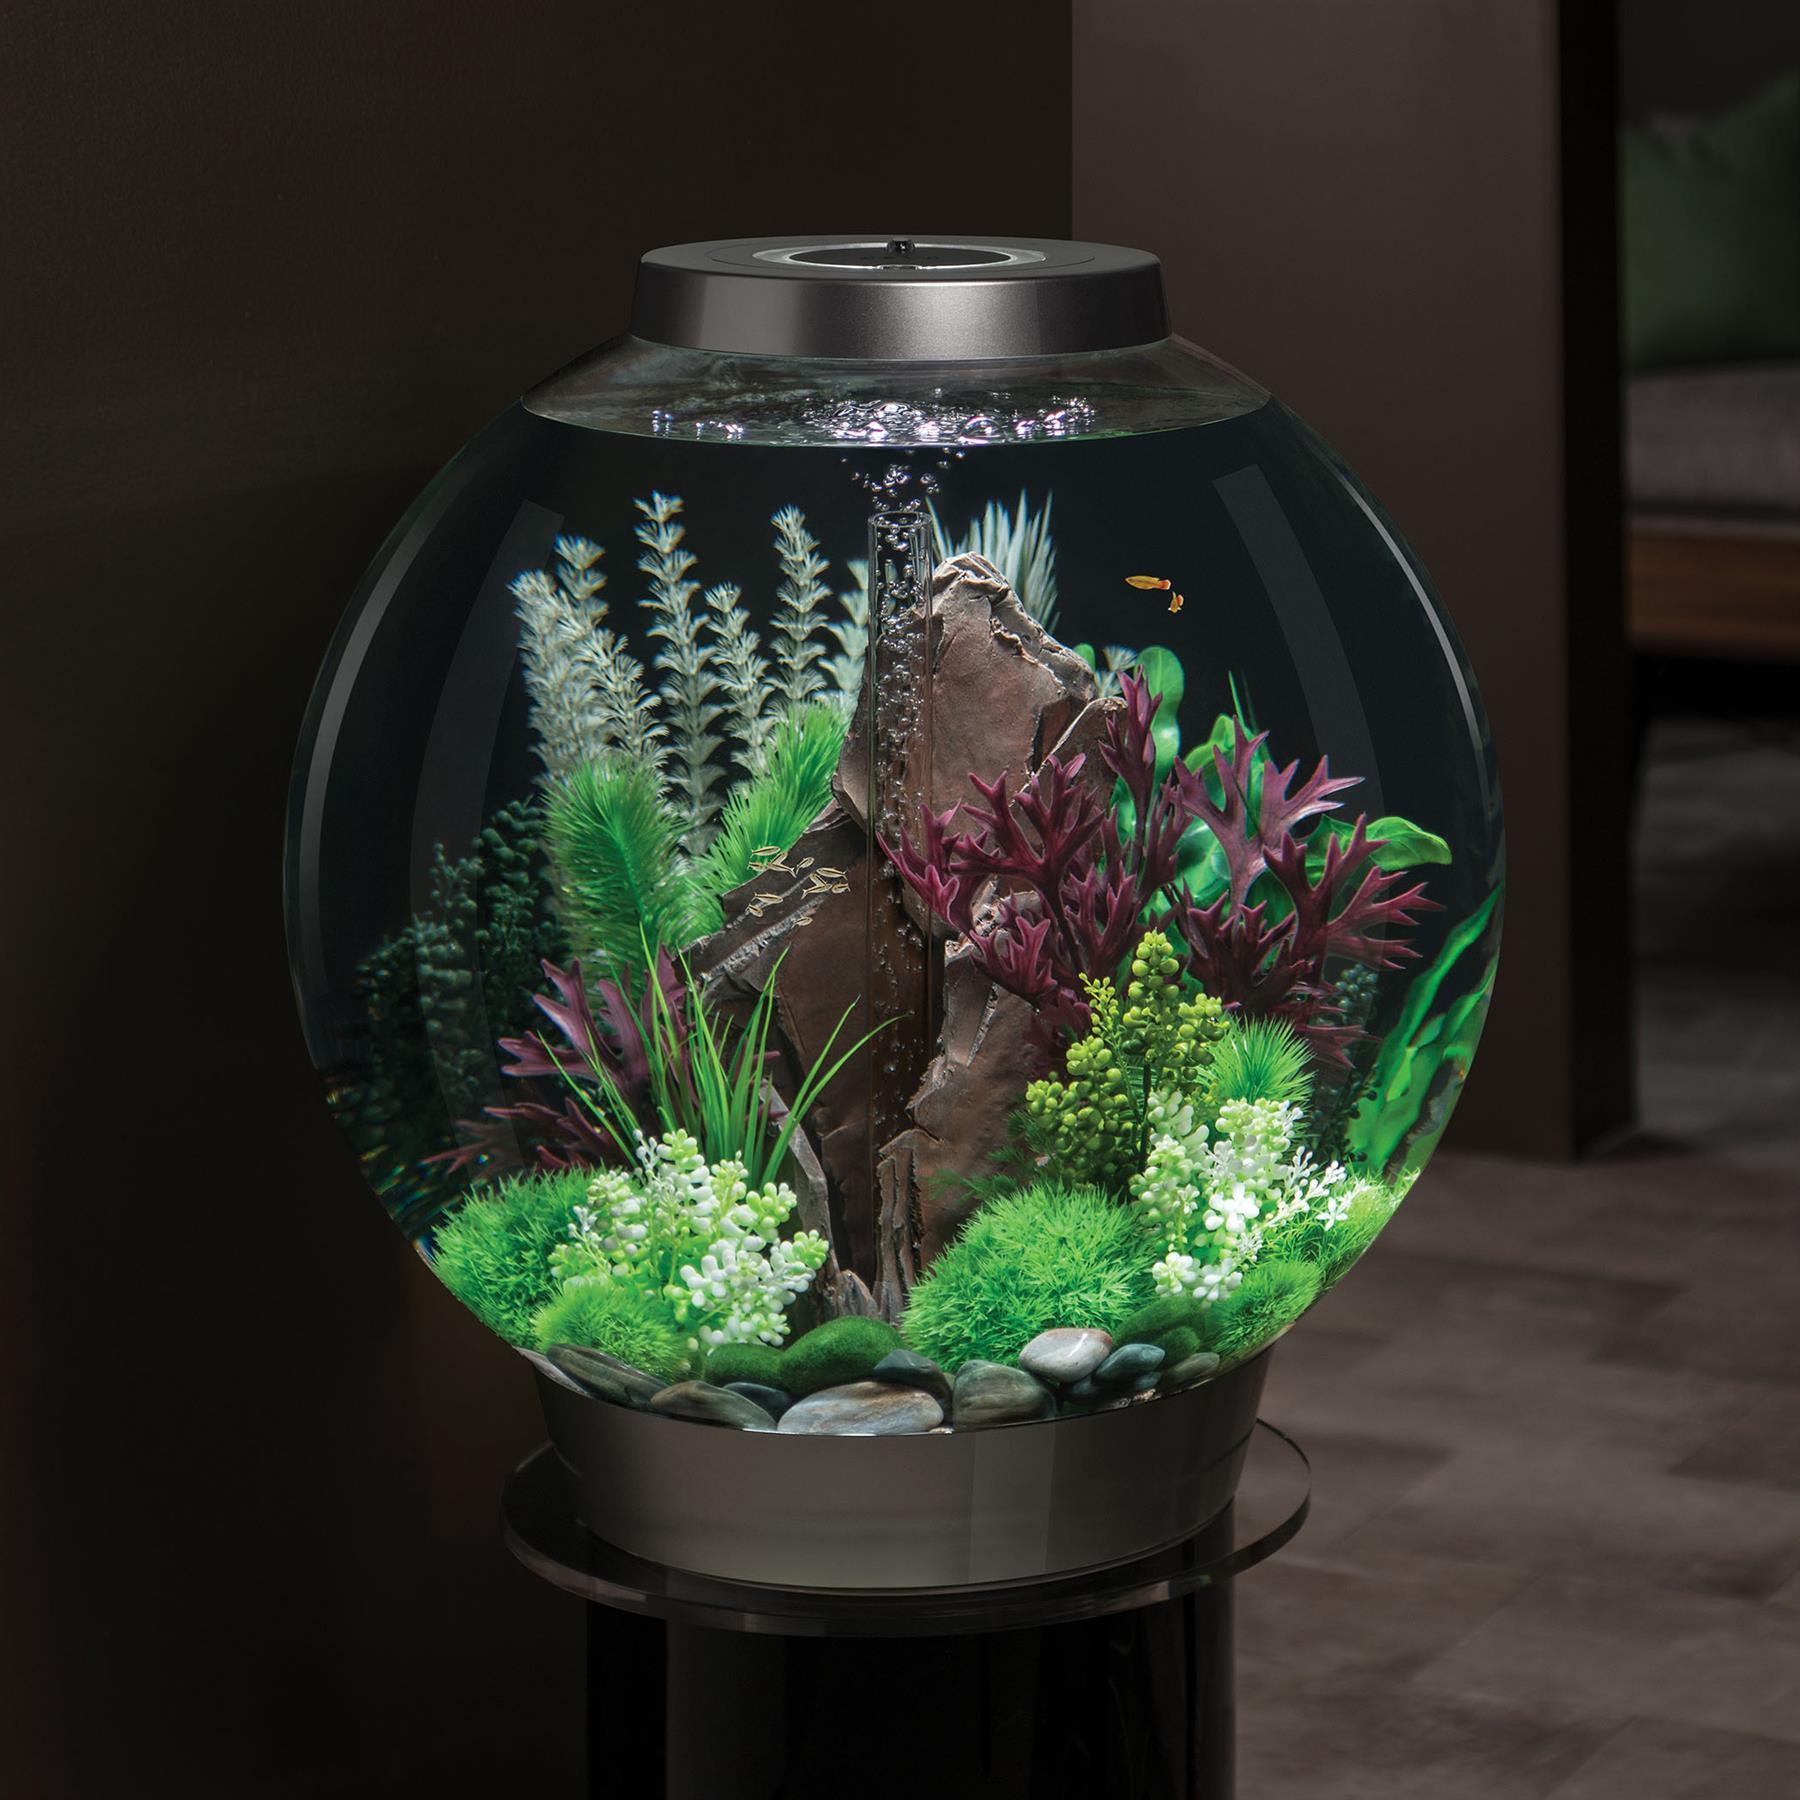 thumbnail 18 - BIORB CLASSIC AQUARIUM ACRYLIC FISH TANK COMPLETE SETUP LED LIGHTING FILTER UNIT